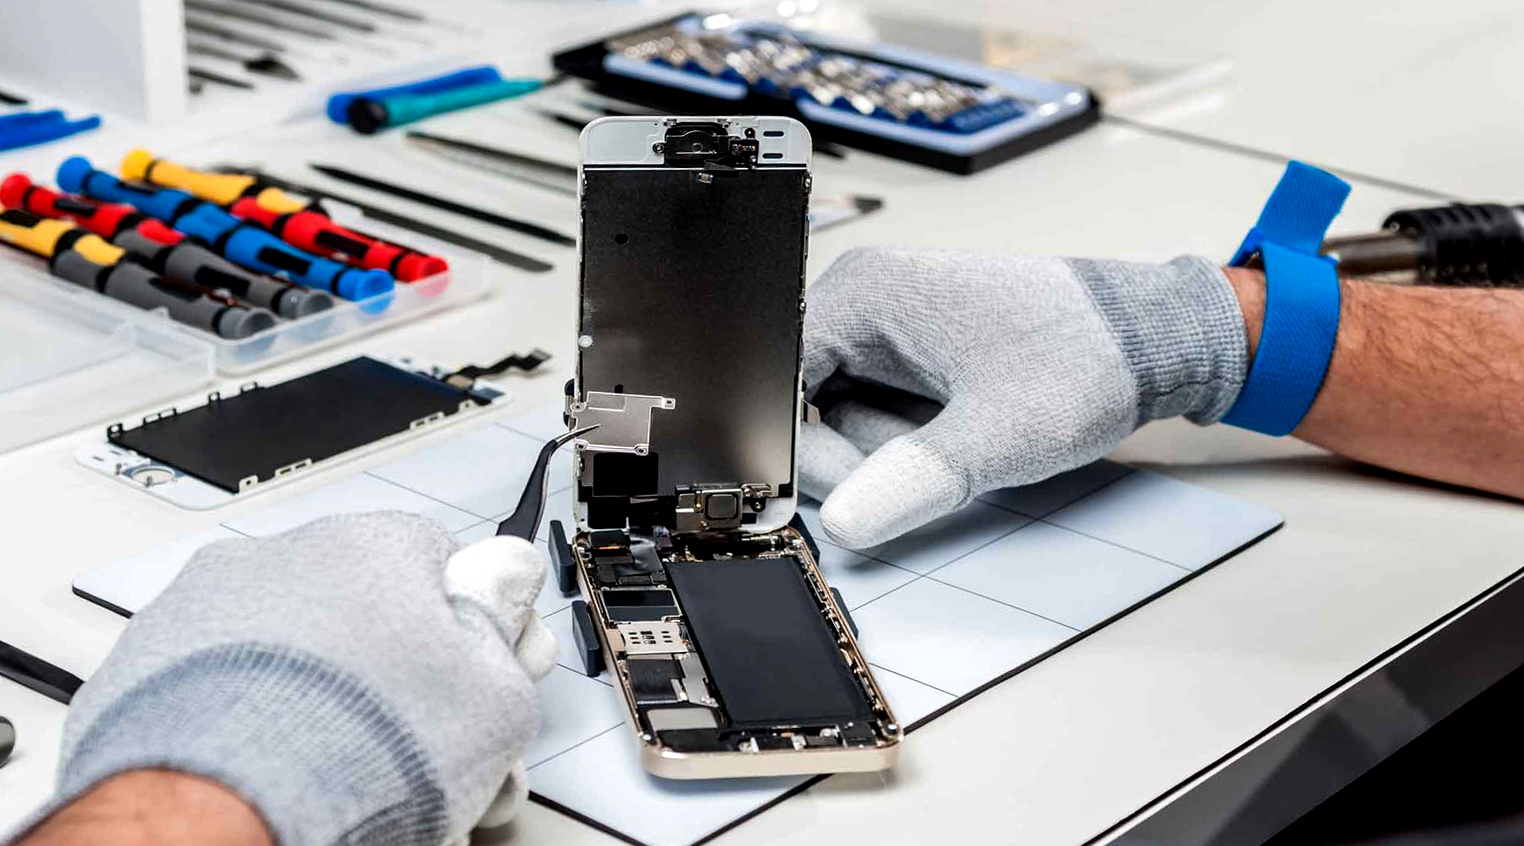 Профессиональный ремонт телефонов в городе Анапа — Pedant.ru